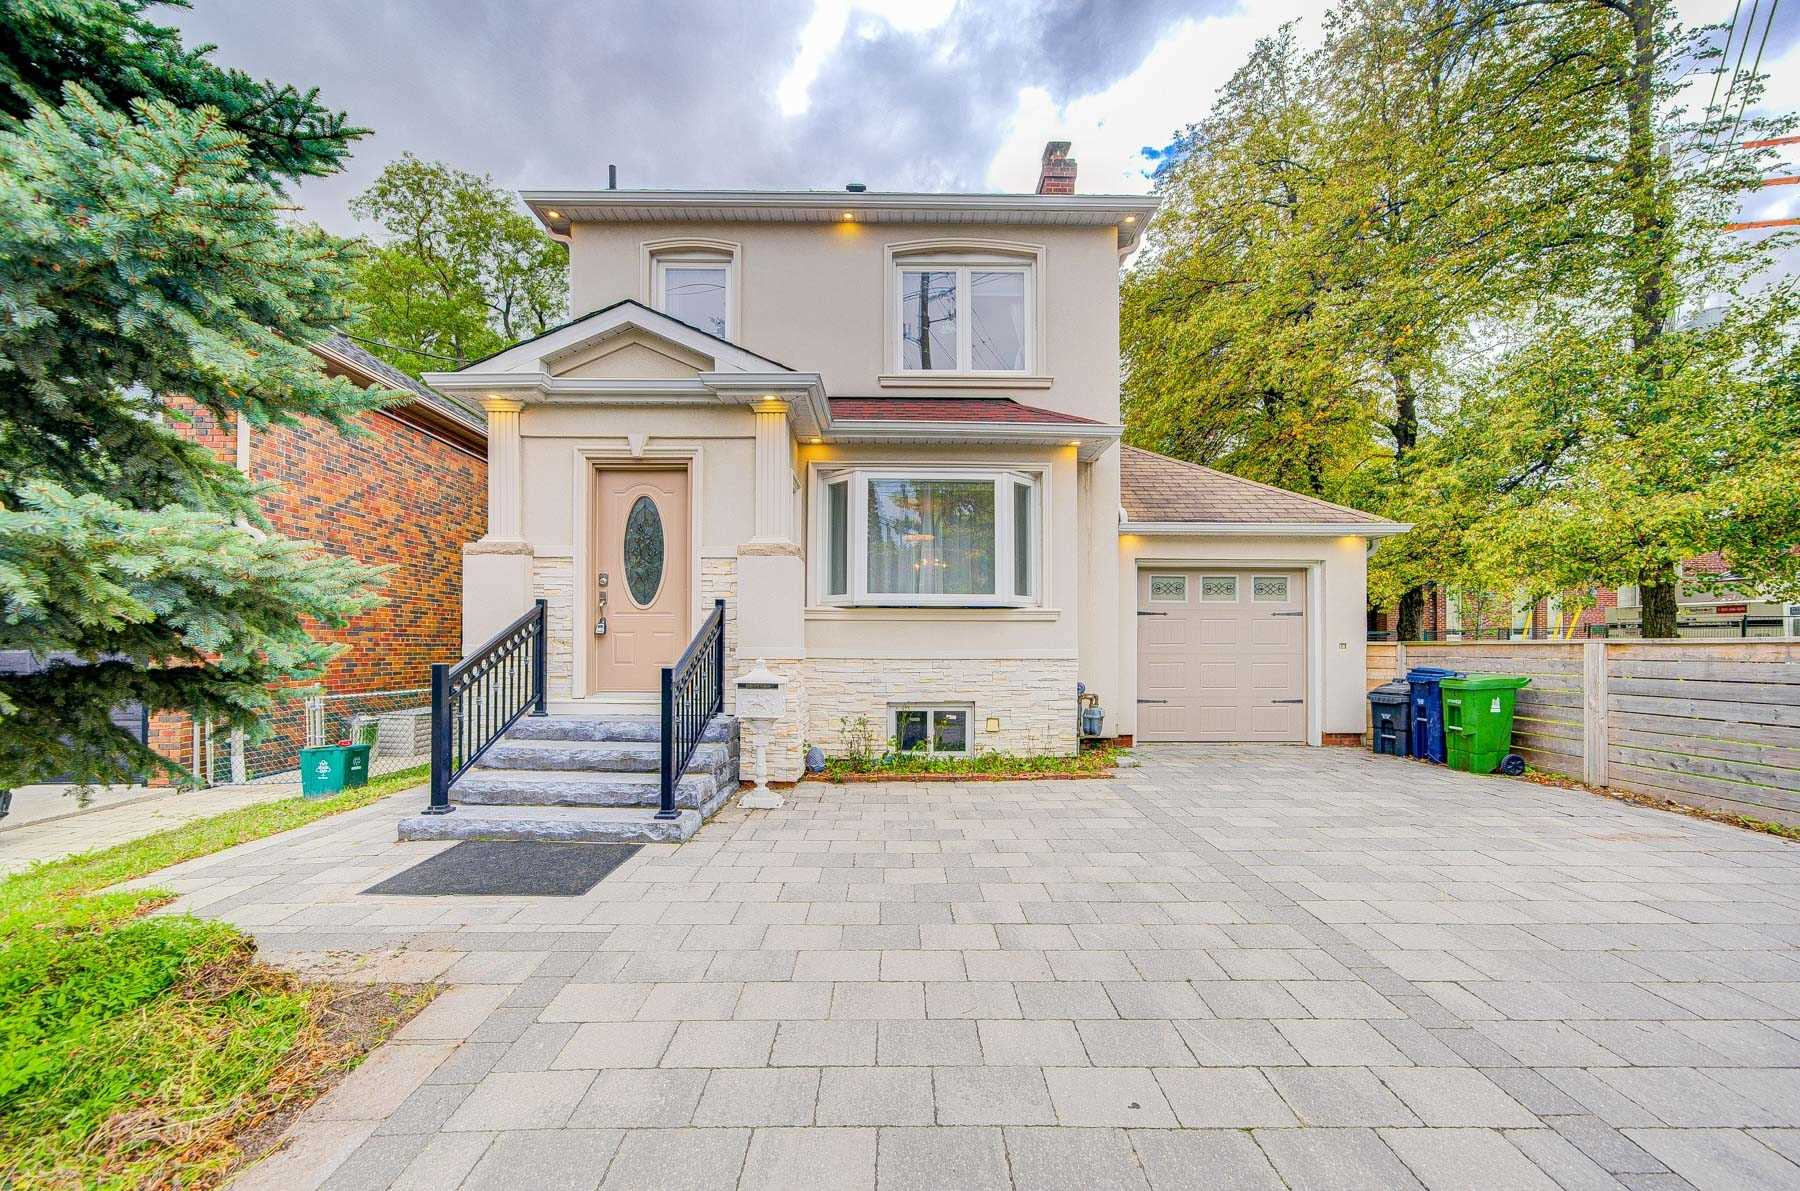 663 Eglinton Ave, Toronto, Ontario M4G2K3, 3 Bedrooms Bedrooms, 7 Rooms Rooms,2 BathroomsBathrooms,Detached,For Sale,Eglinton,C5386494